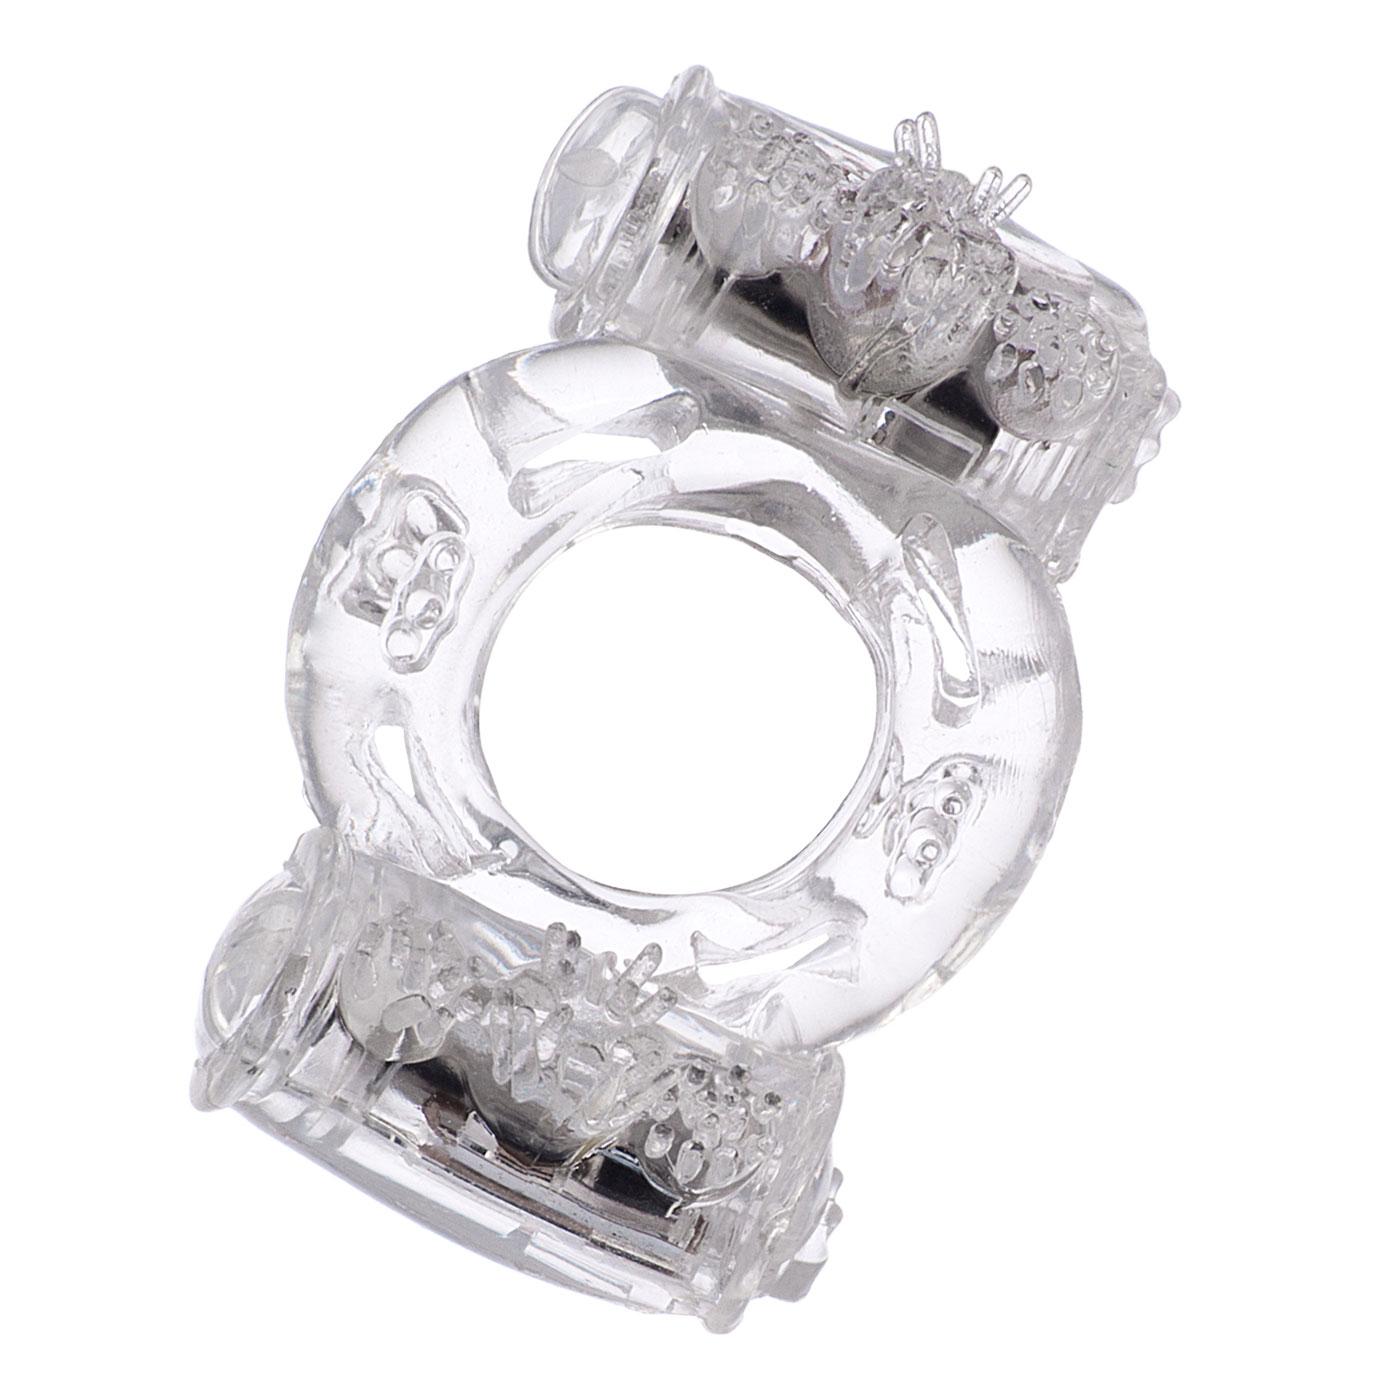 Эрекционное кольцо на пенис с двойной вибрацией TOYFA,TPE, цвет - прозрачный